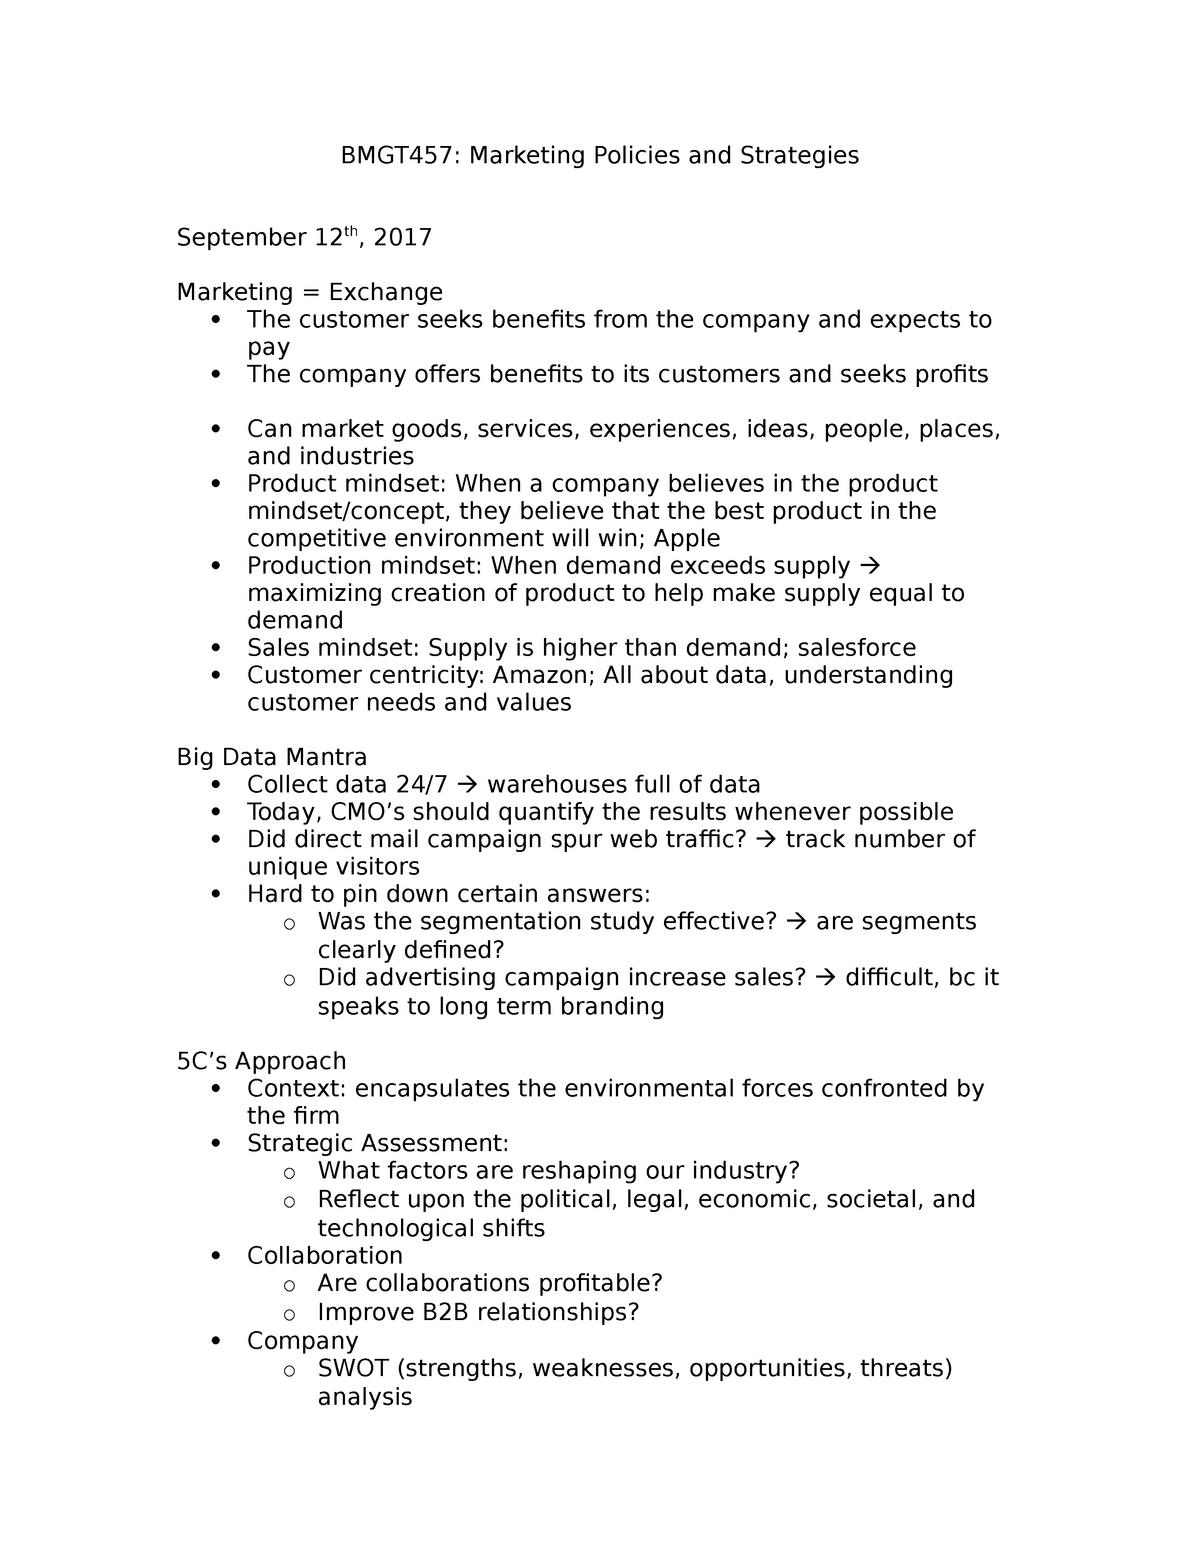 BMGT457 Notes - BMGT457: Marketing Policies and Strategies